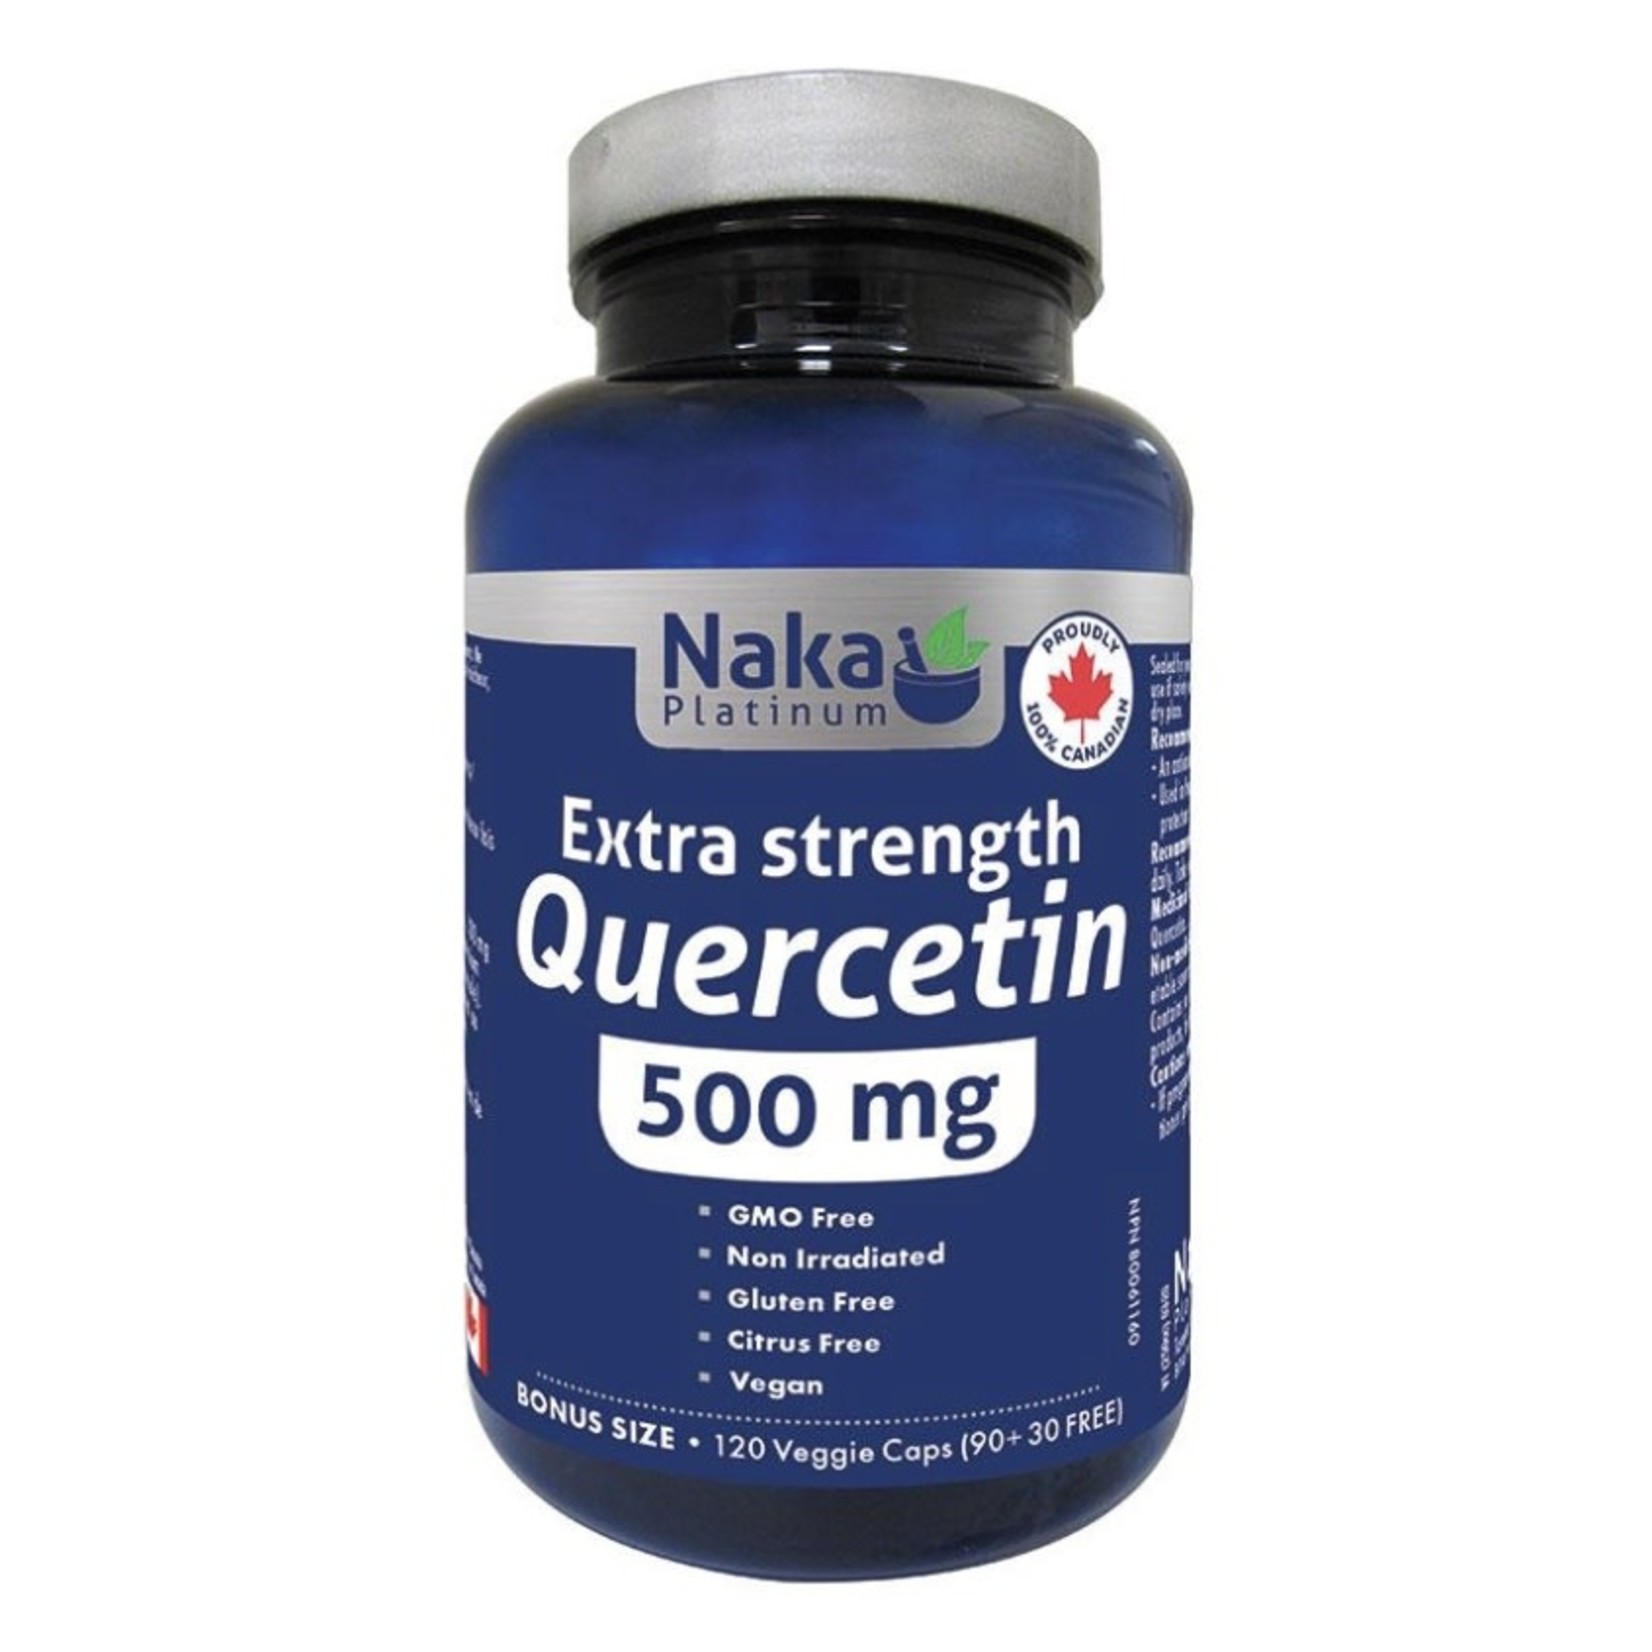 Naka Naka Extra Strength Quercetin 500mg 120 caps